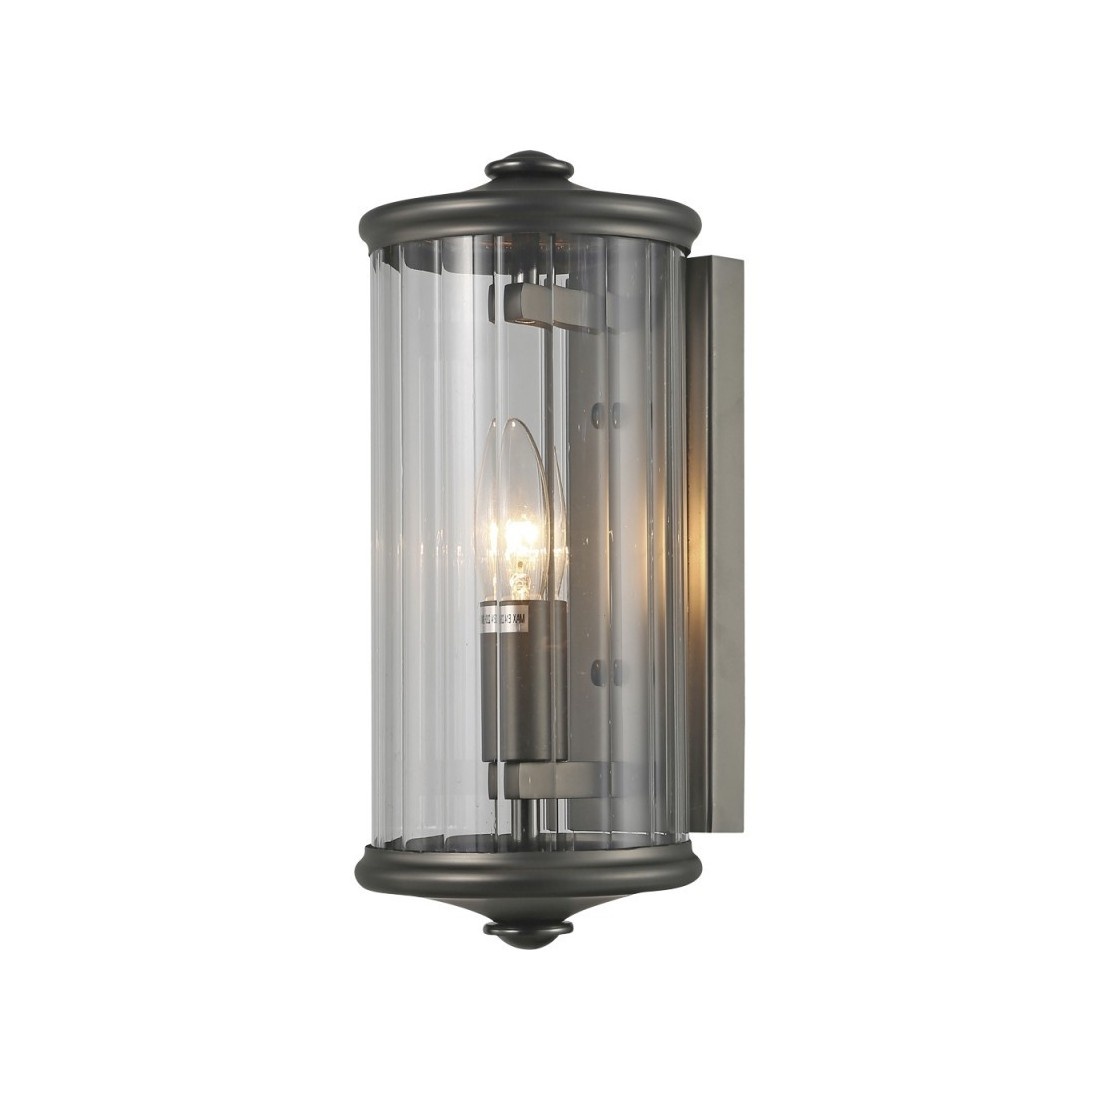 Artelore - Dion Black S nástěnná lampa